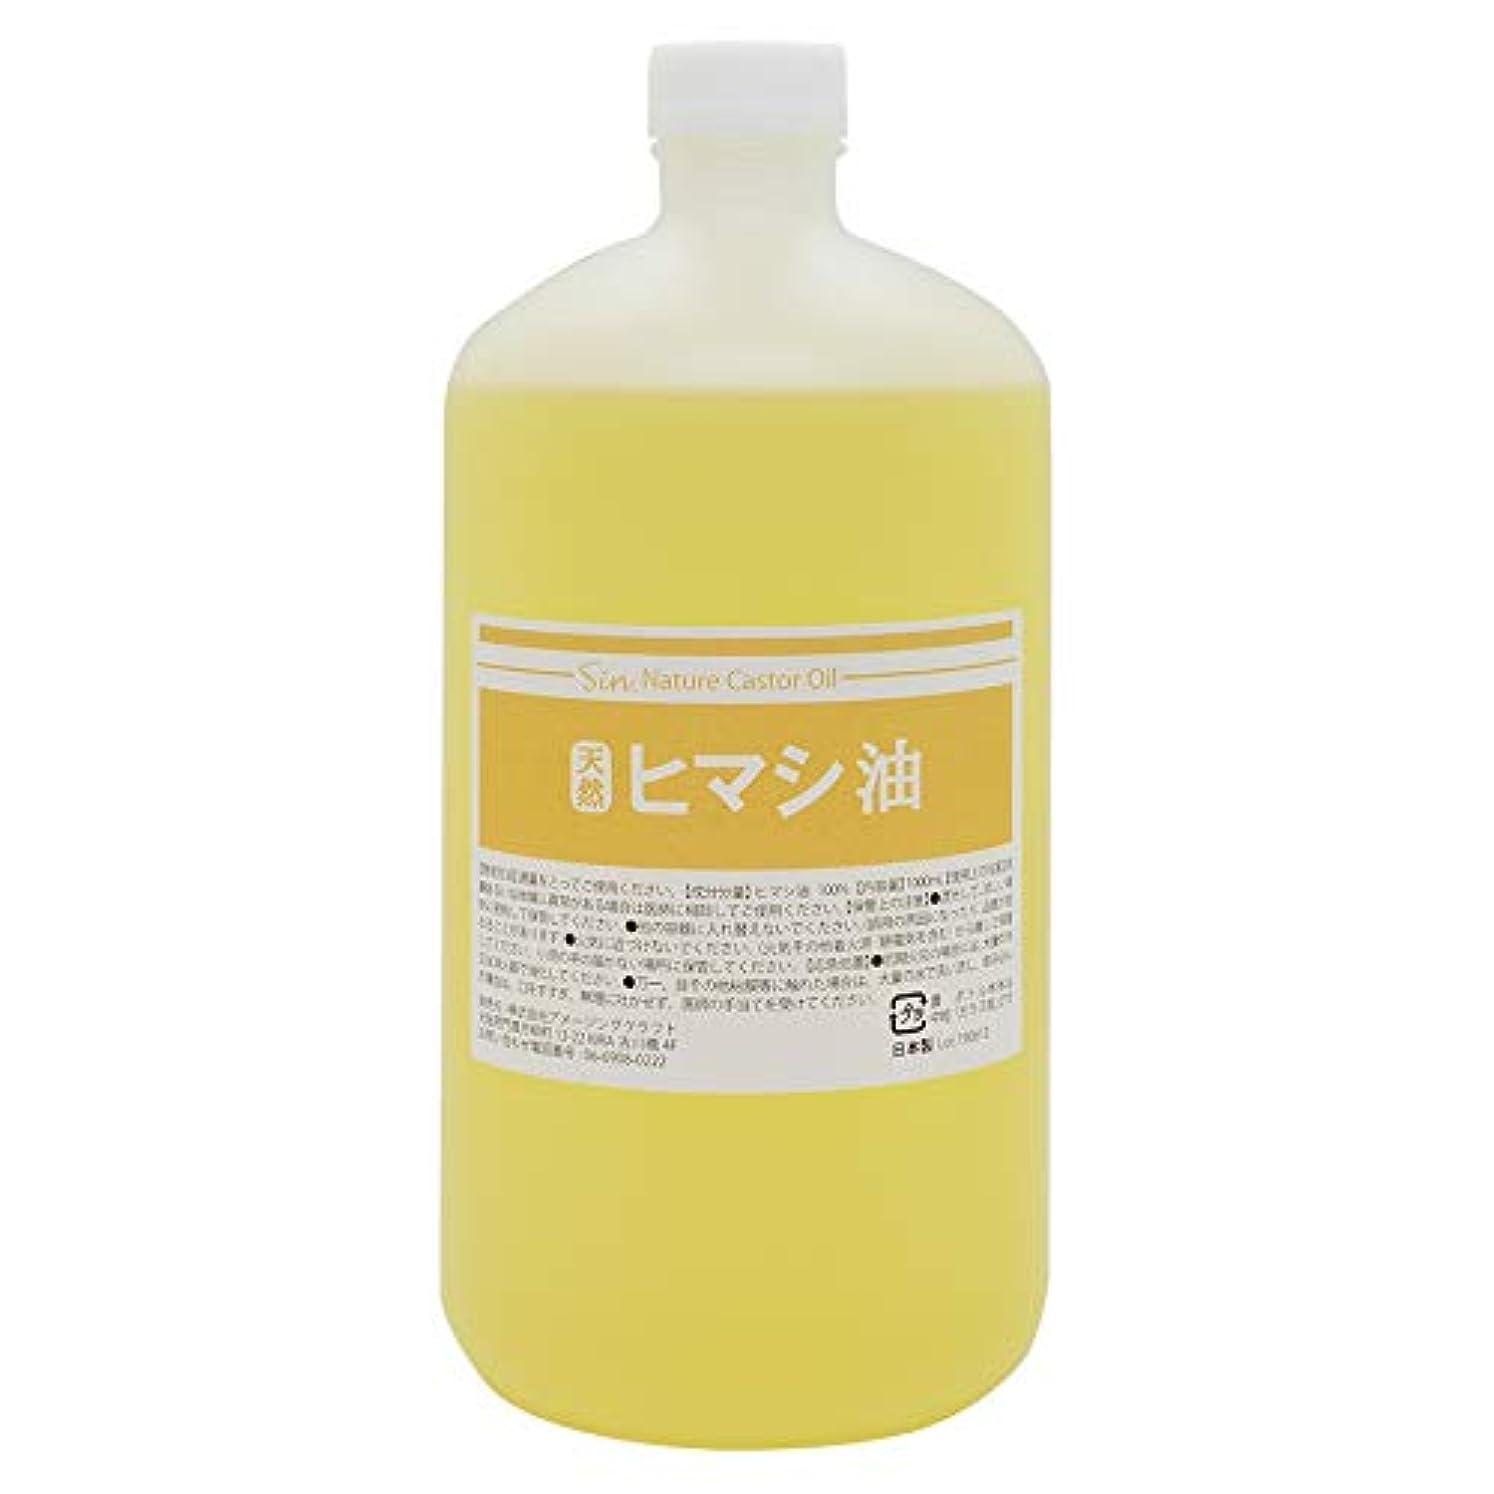 フラップピッチ経歴天然無添加 国内精製 ひまし油 1000ml (ヒマシ油 キャスターオイル)